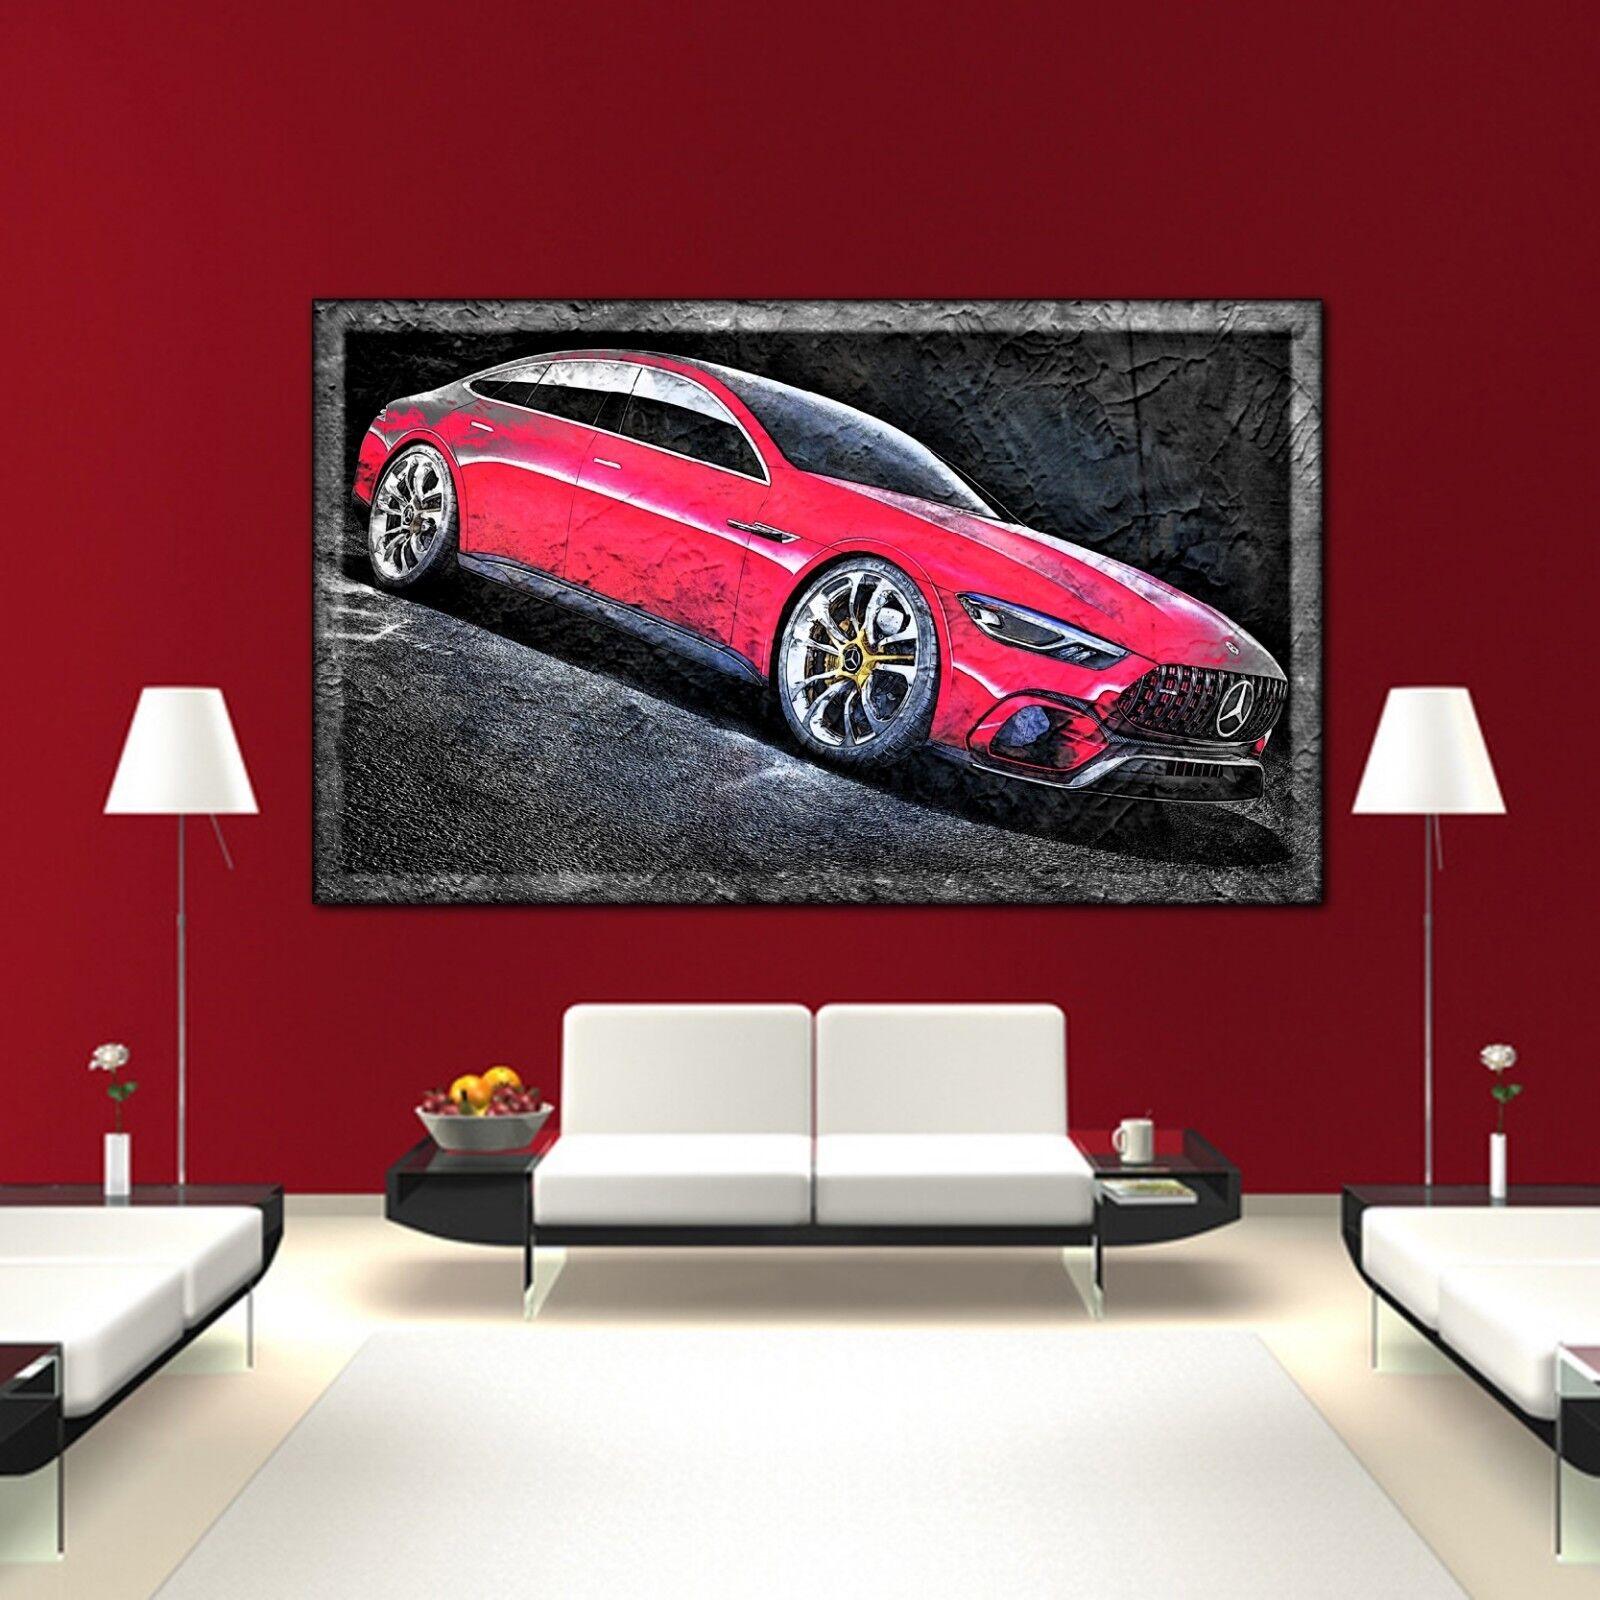 LEINWAND BILD ER XXL POP ART MERCEDES AMG GT ABSTRAKT BUNT WAND POSTER 150x90